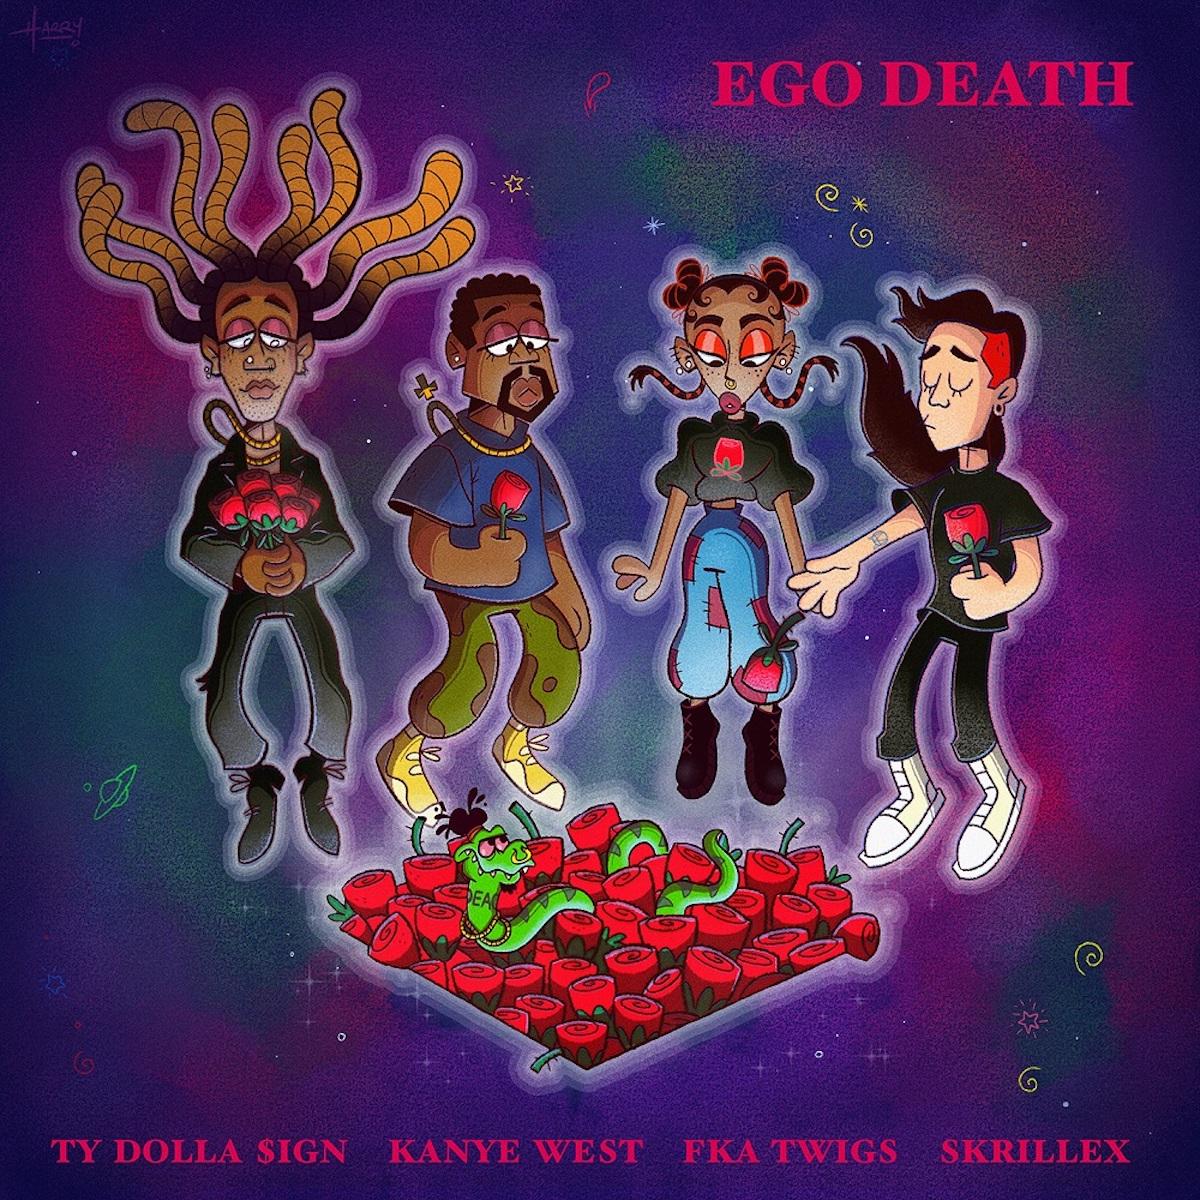 ニュー・シングル「エゴ·デス (feat. カニエ・ウェスト、FKAツイッグス、スクリレックス) / Ego Death (feat. Kanye West, FKA twigs & Skrillex」